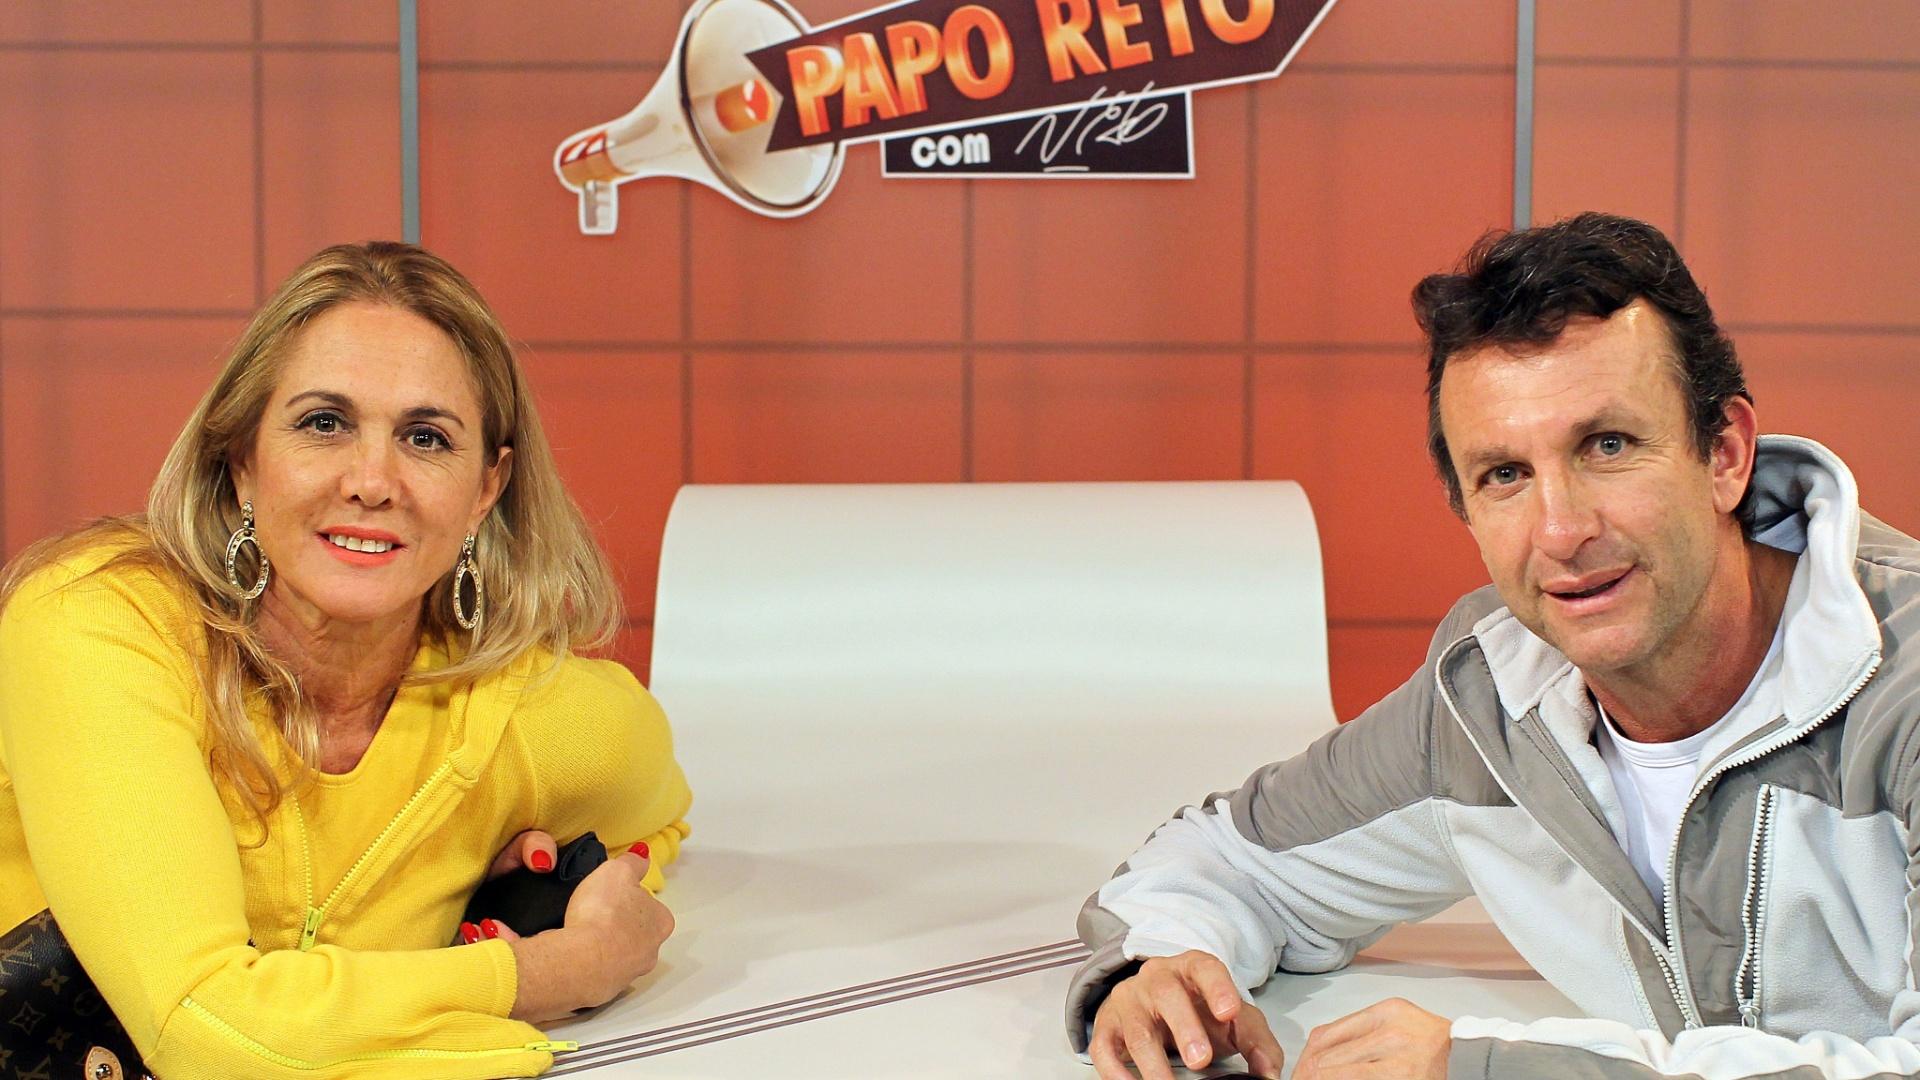 Hortência foi entrevistada por Neto no programa Papo Reto desta terça-feira (05/06/2012)